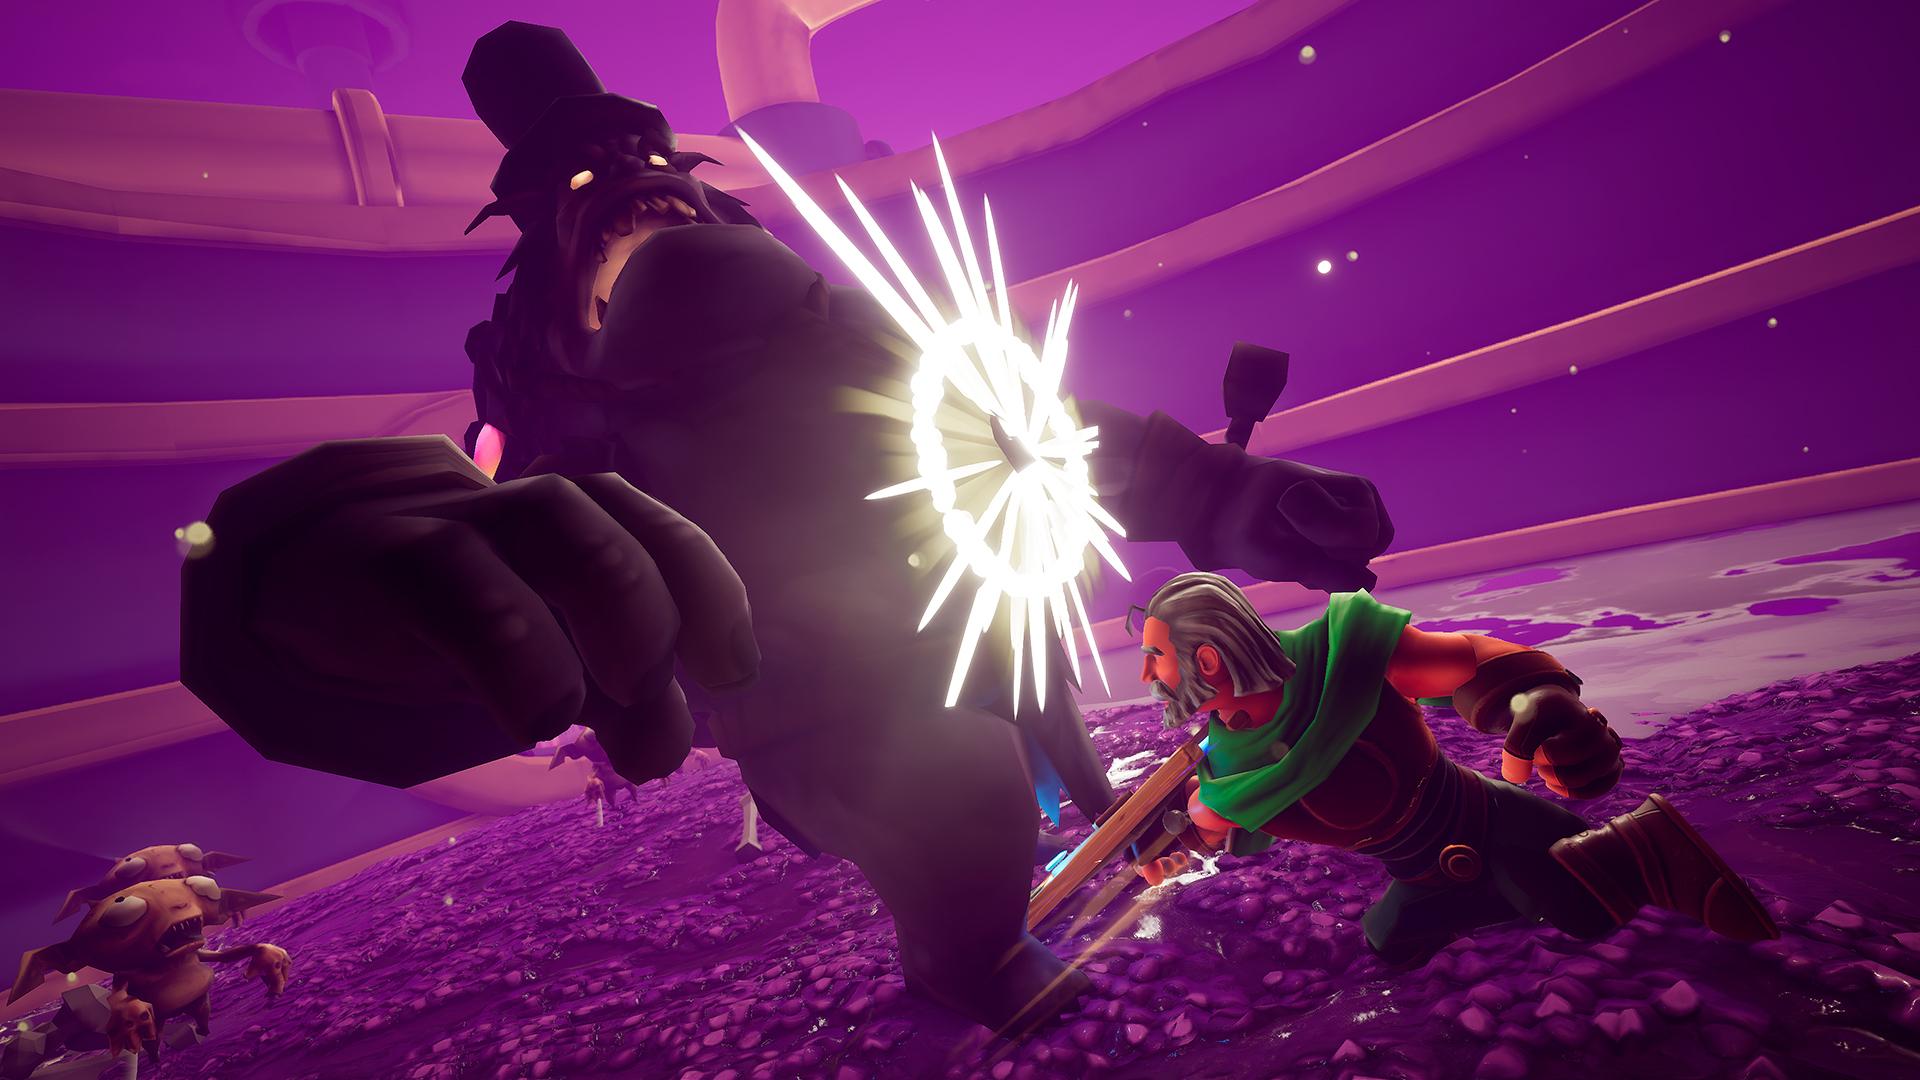 40885851063 a3fb4146b1 o - Der nostalgische 3D-Action-Adventure-Plattformer Effie erscheint nächsten Monat für PS4